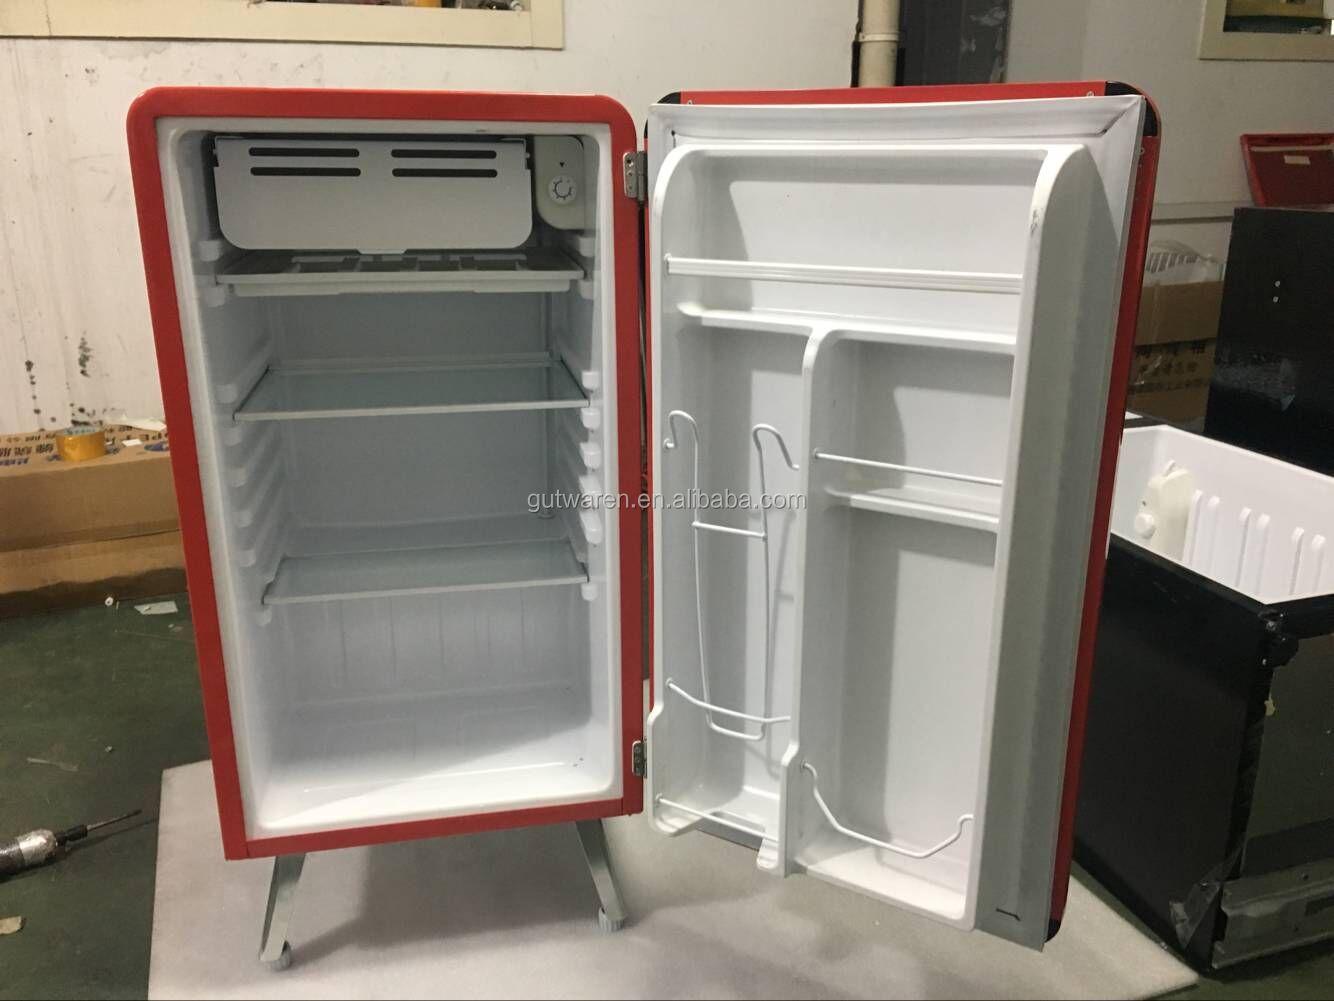 Kühlschrank Usa Retro : Bd 180 antike retro kühlschrank doppel tür mini kühlschrank smeg